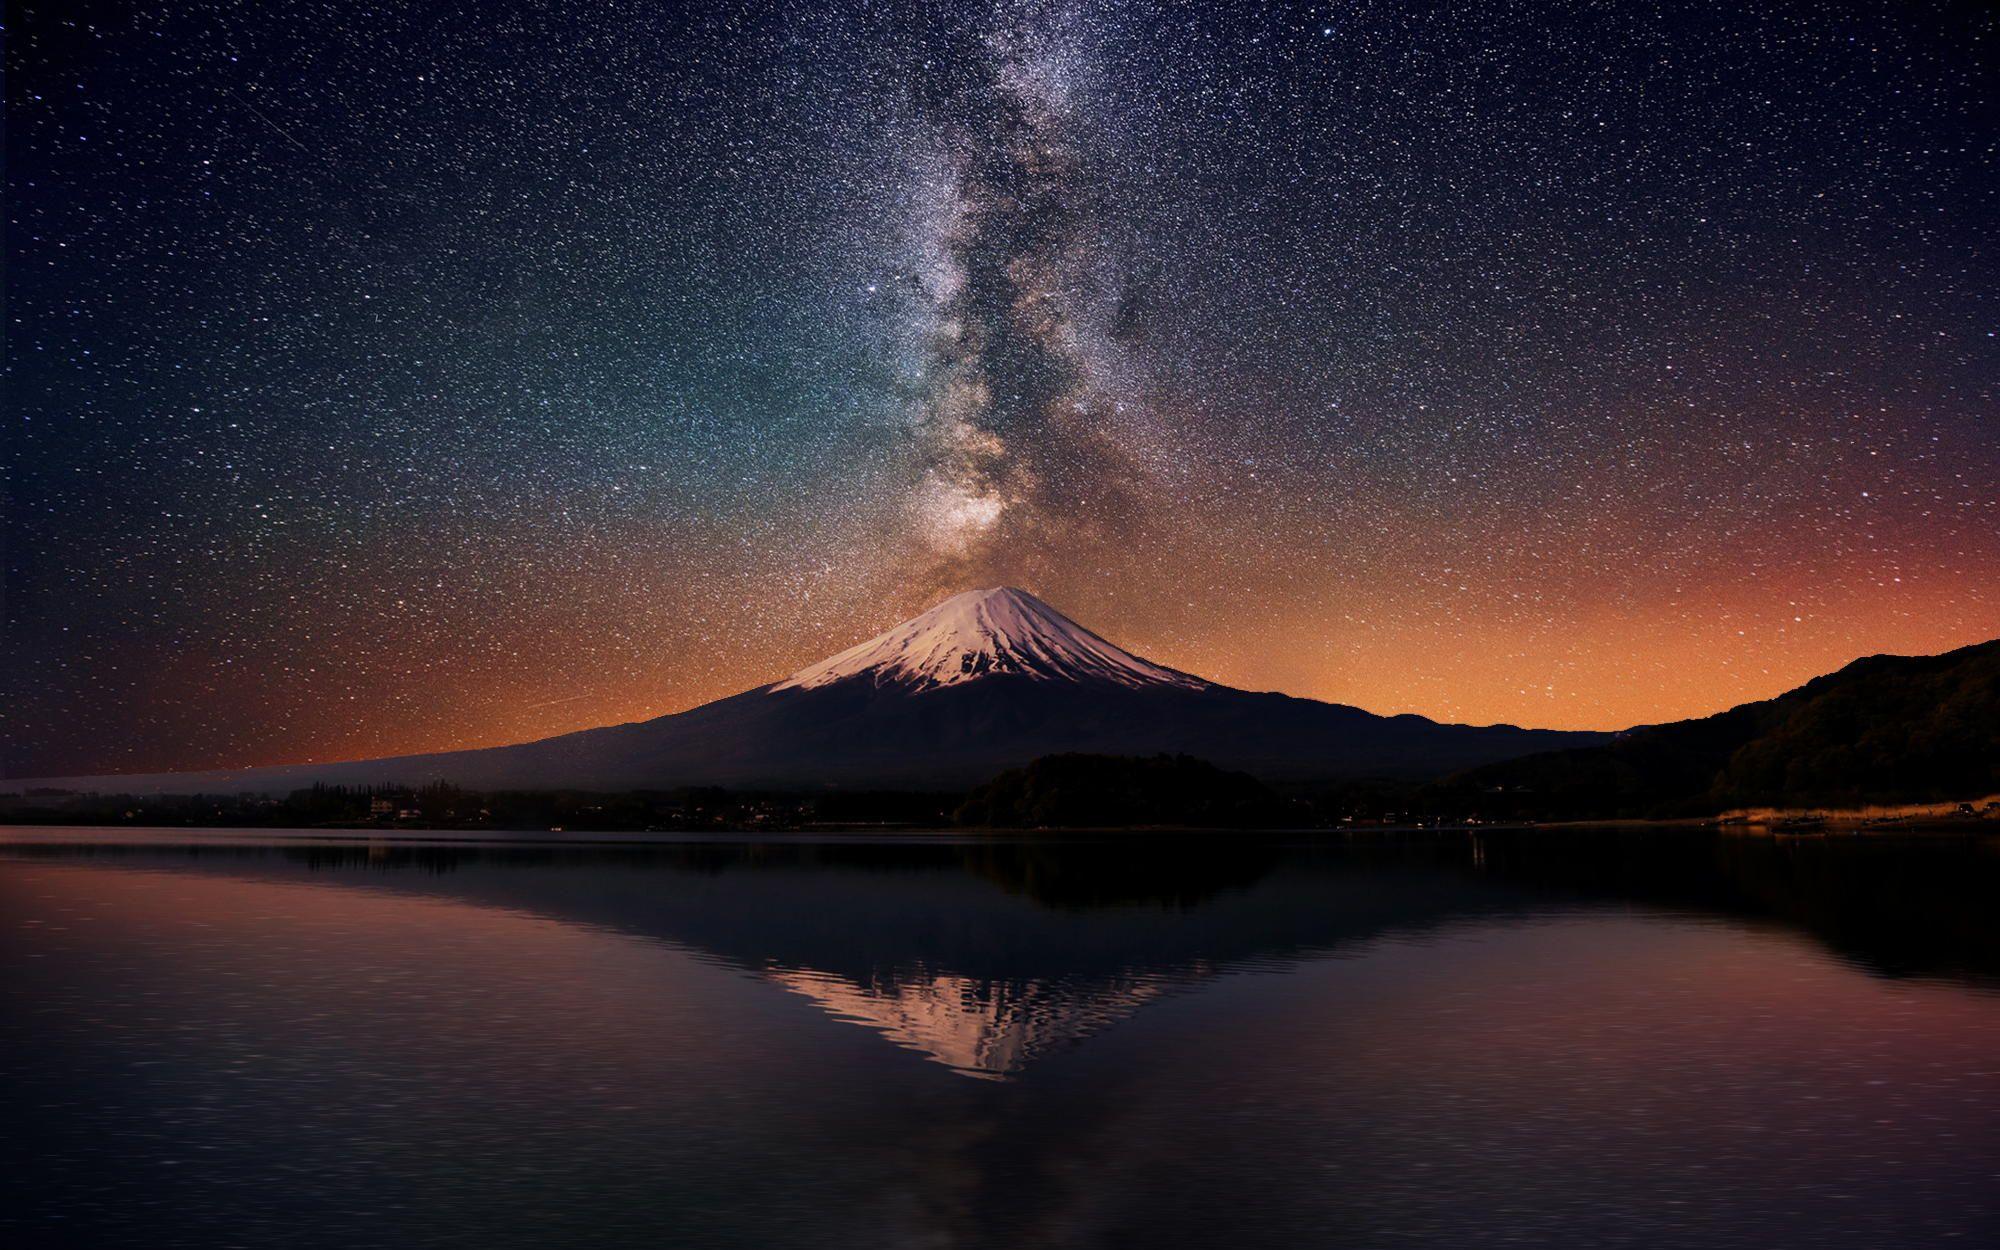 ¿Qué sabes de Japón? Realiza este test y descubre tu nivel de conocimiento sobre el Imperio del Sol Naciente